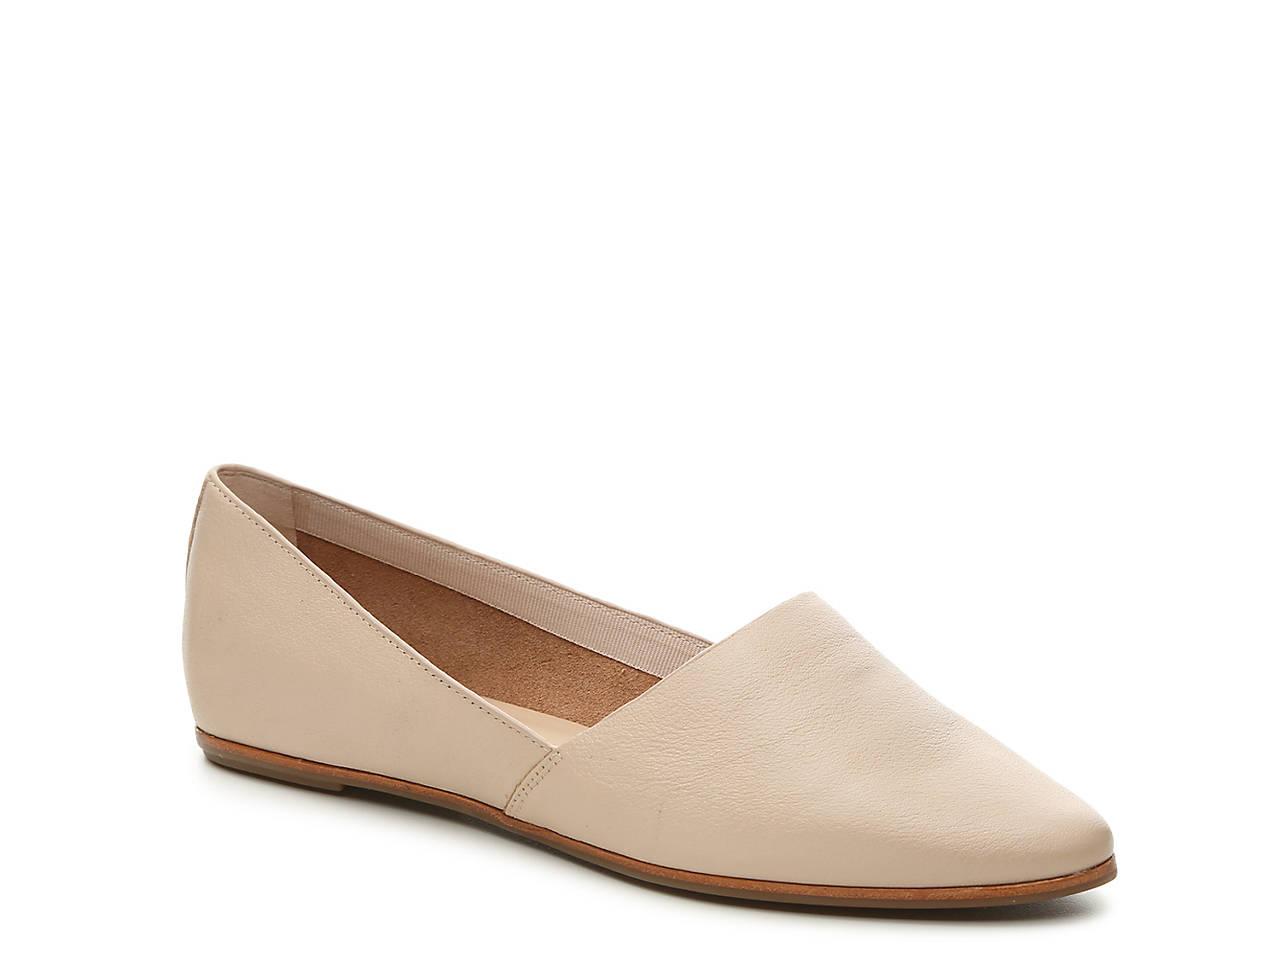 c3cefb754ad Aldo Blanchette Flat Women s Shoes